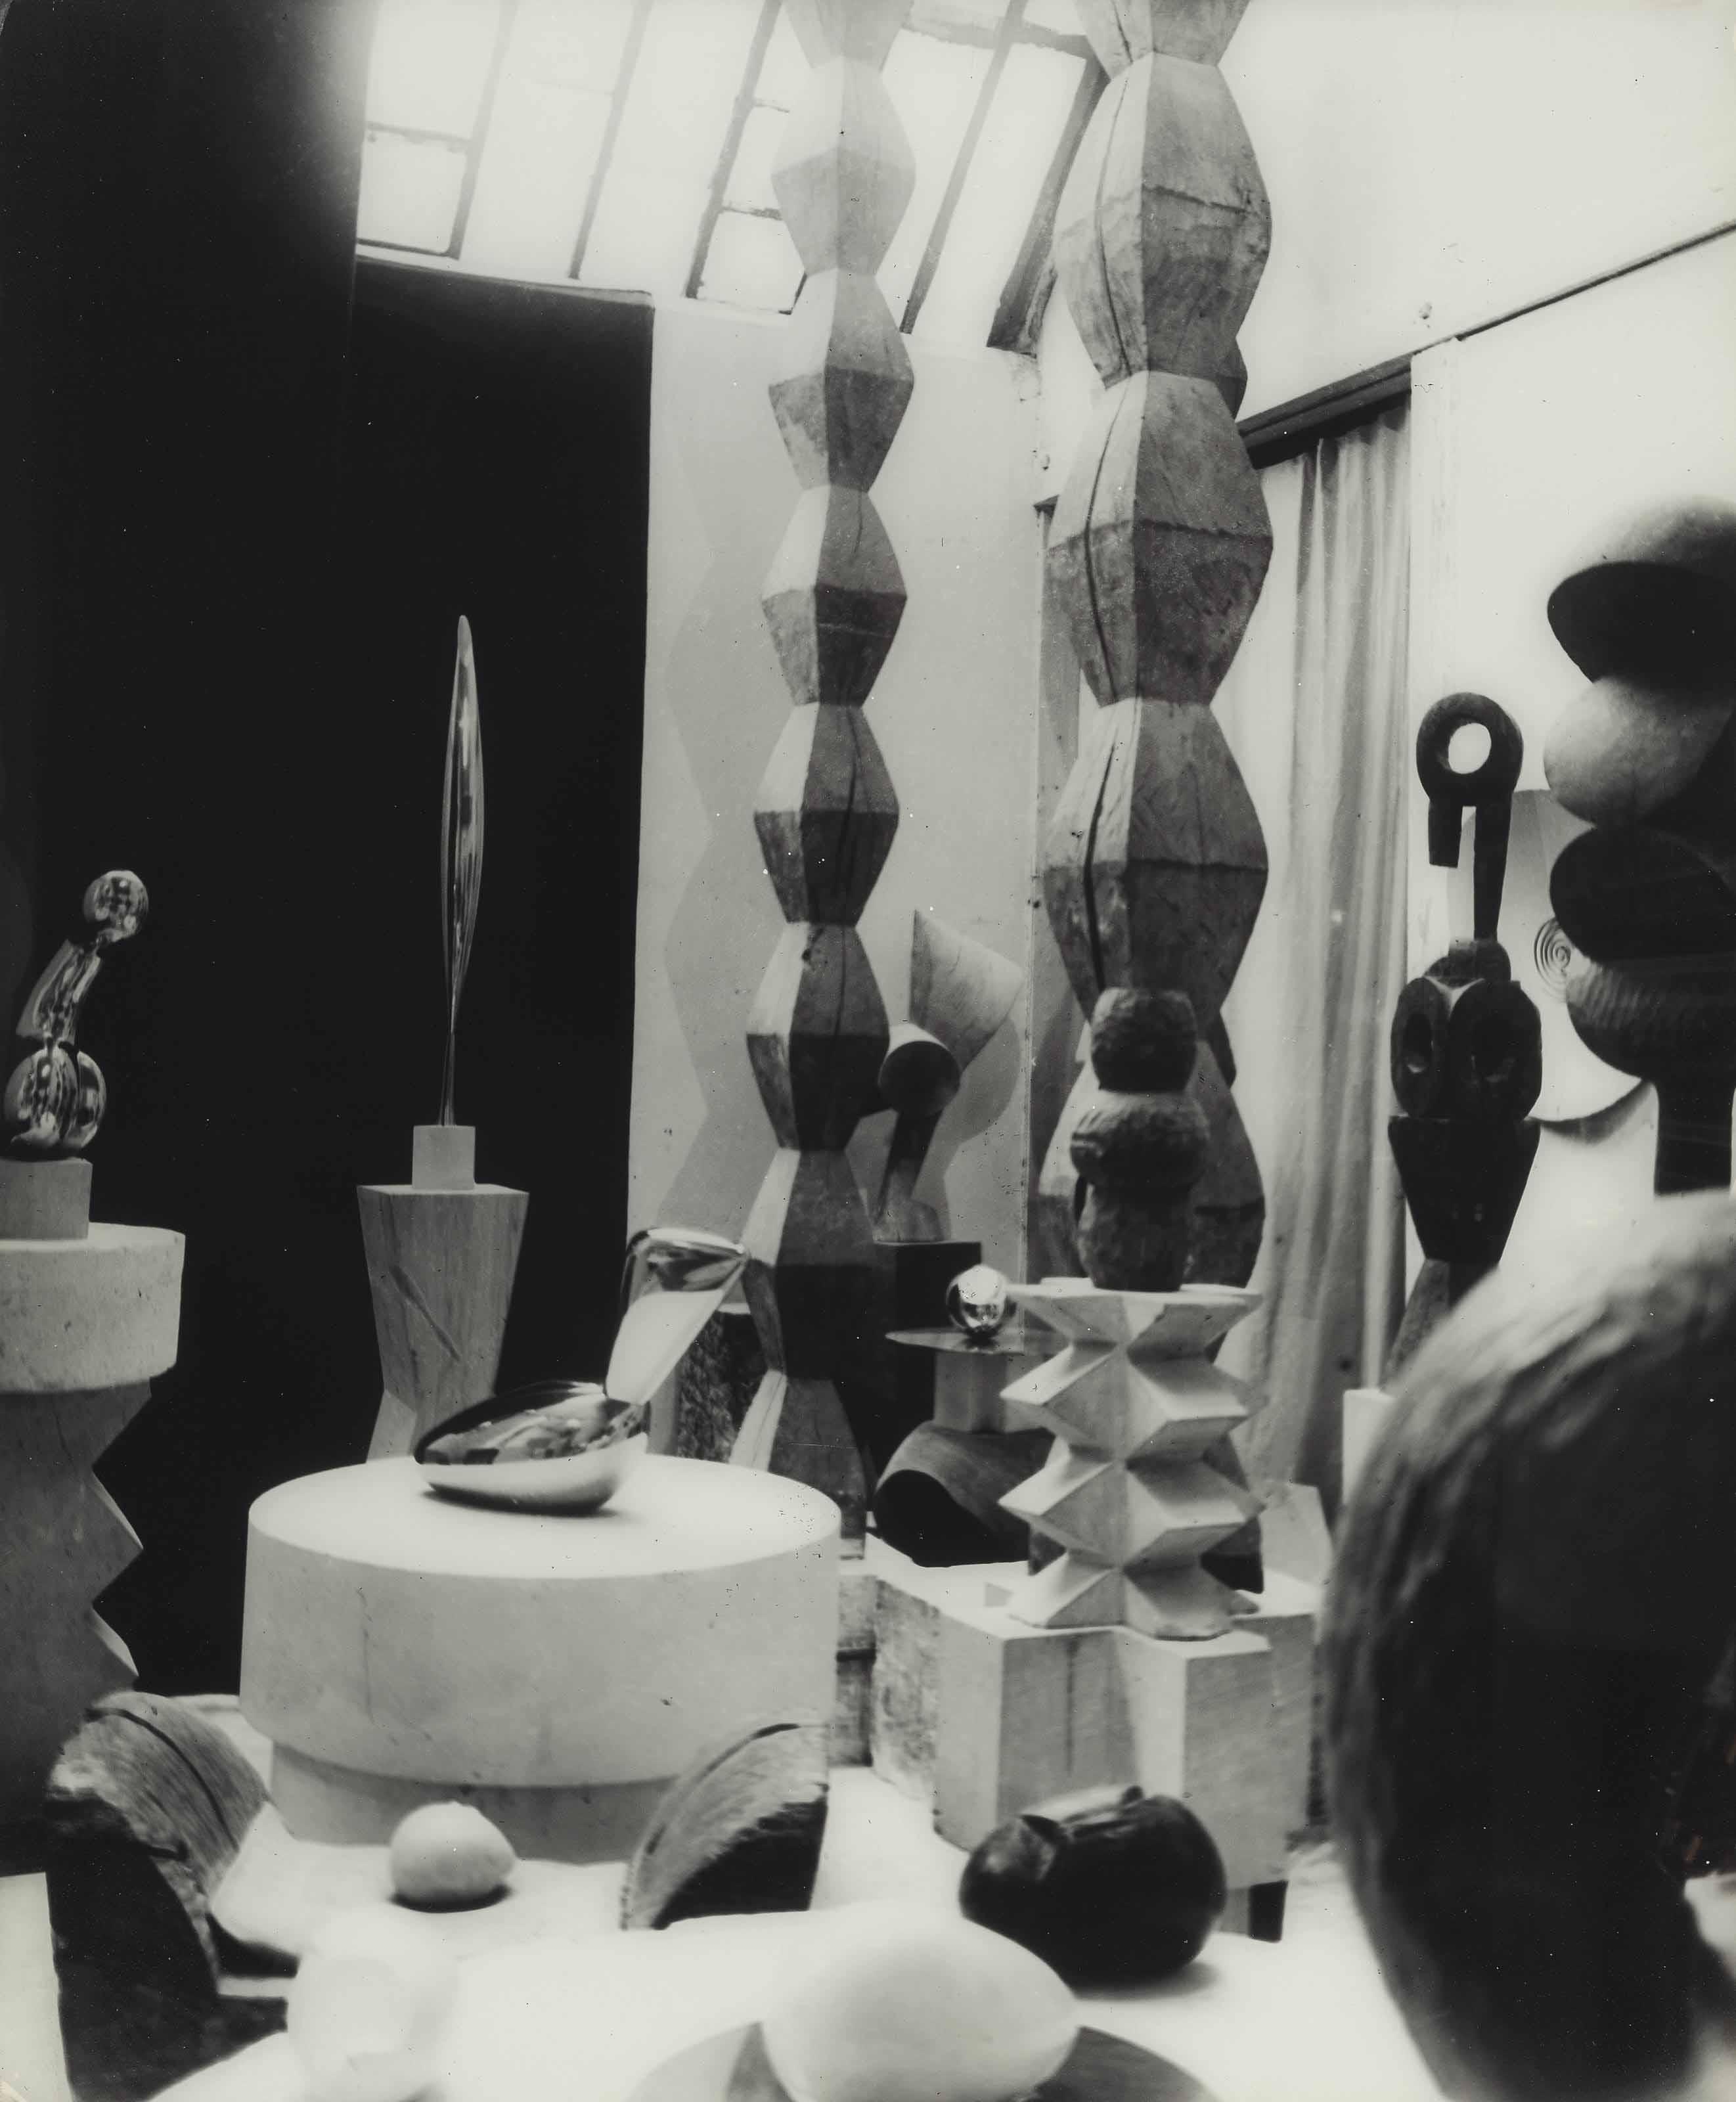 L'Atelier, c. 1927